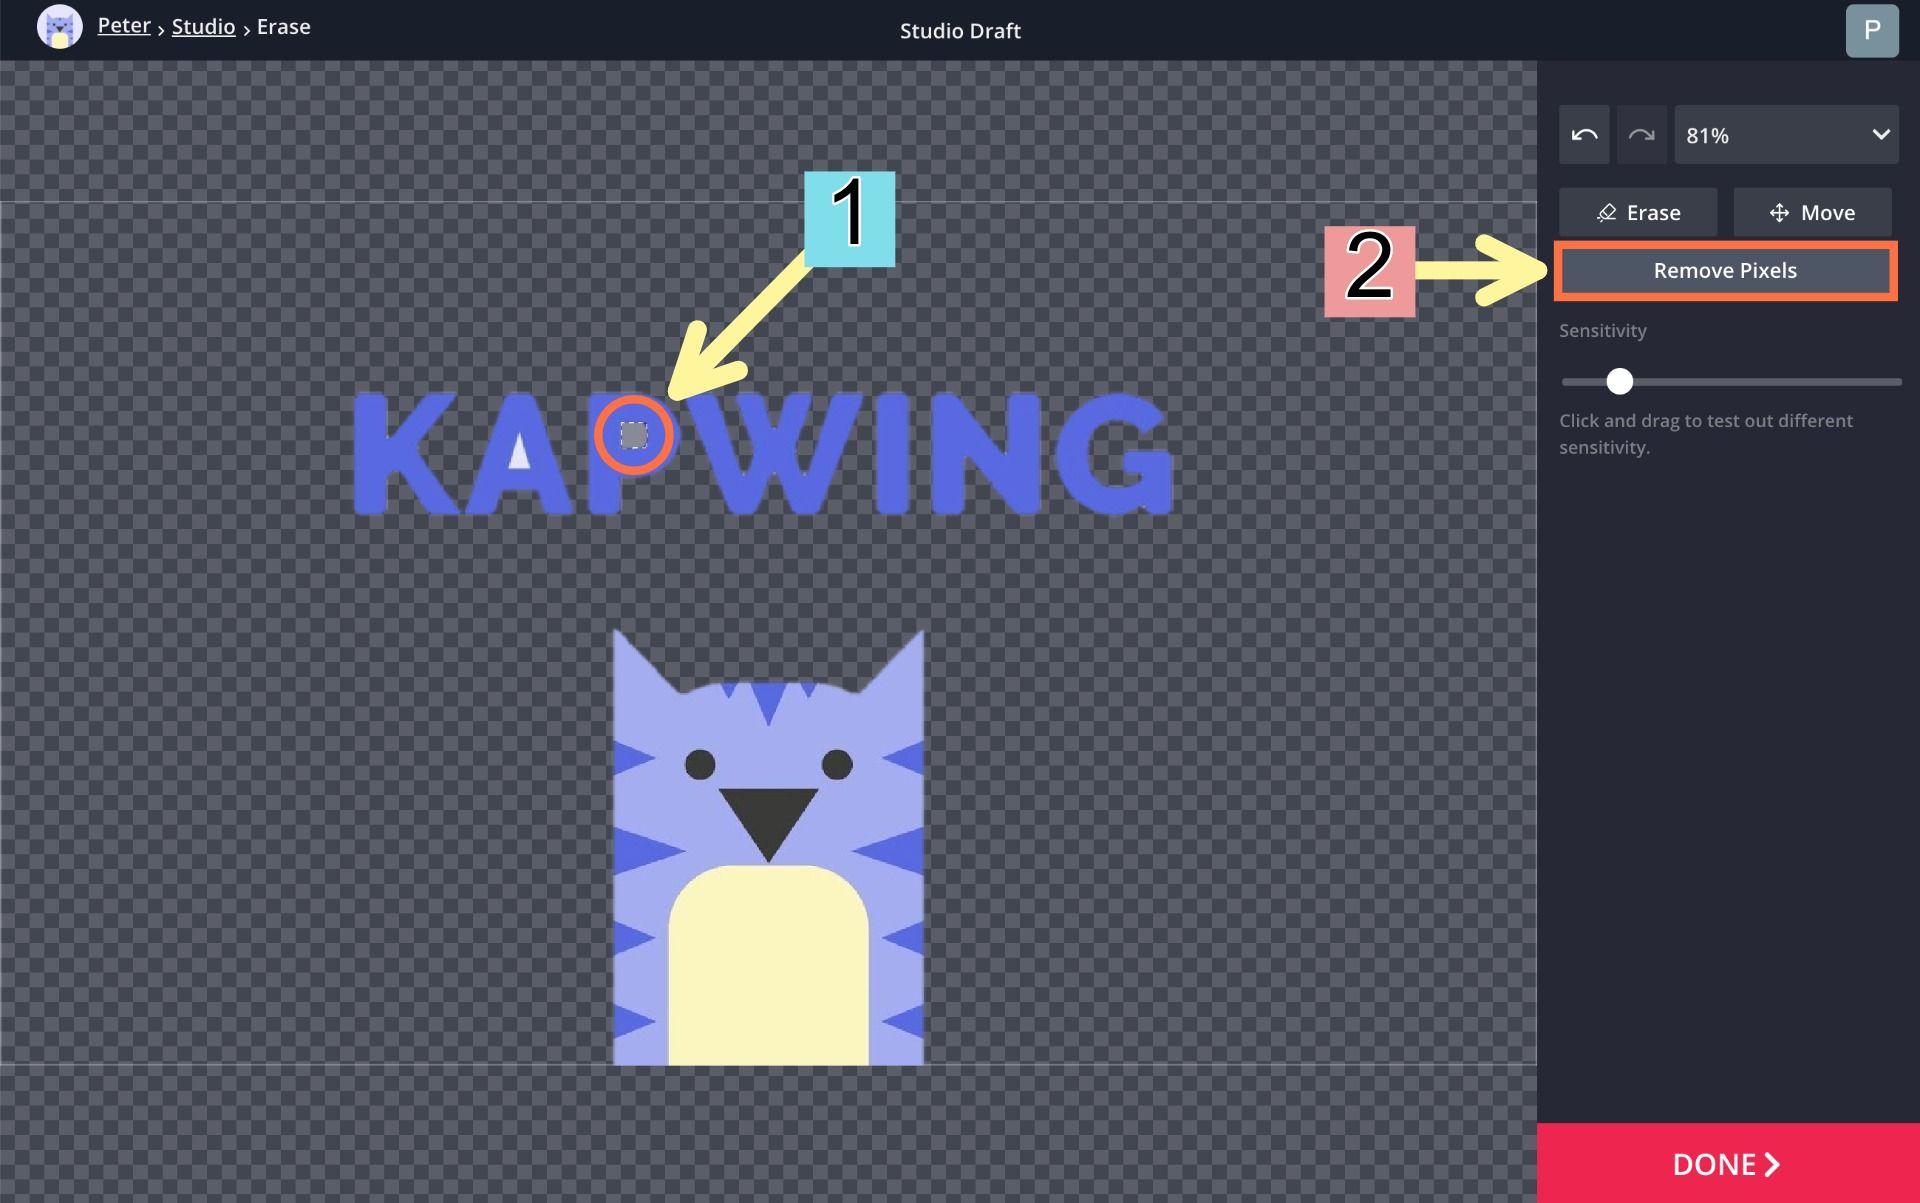 A screenshot of the Kapwing Eraser tool.